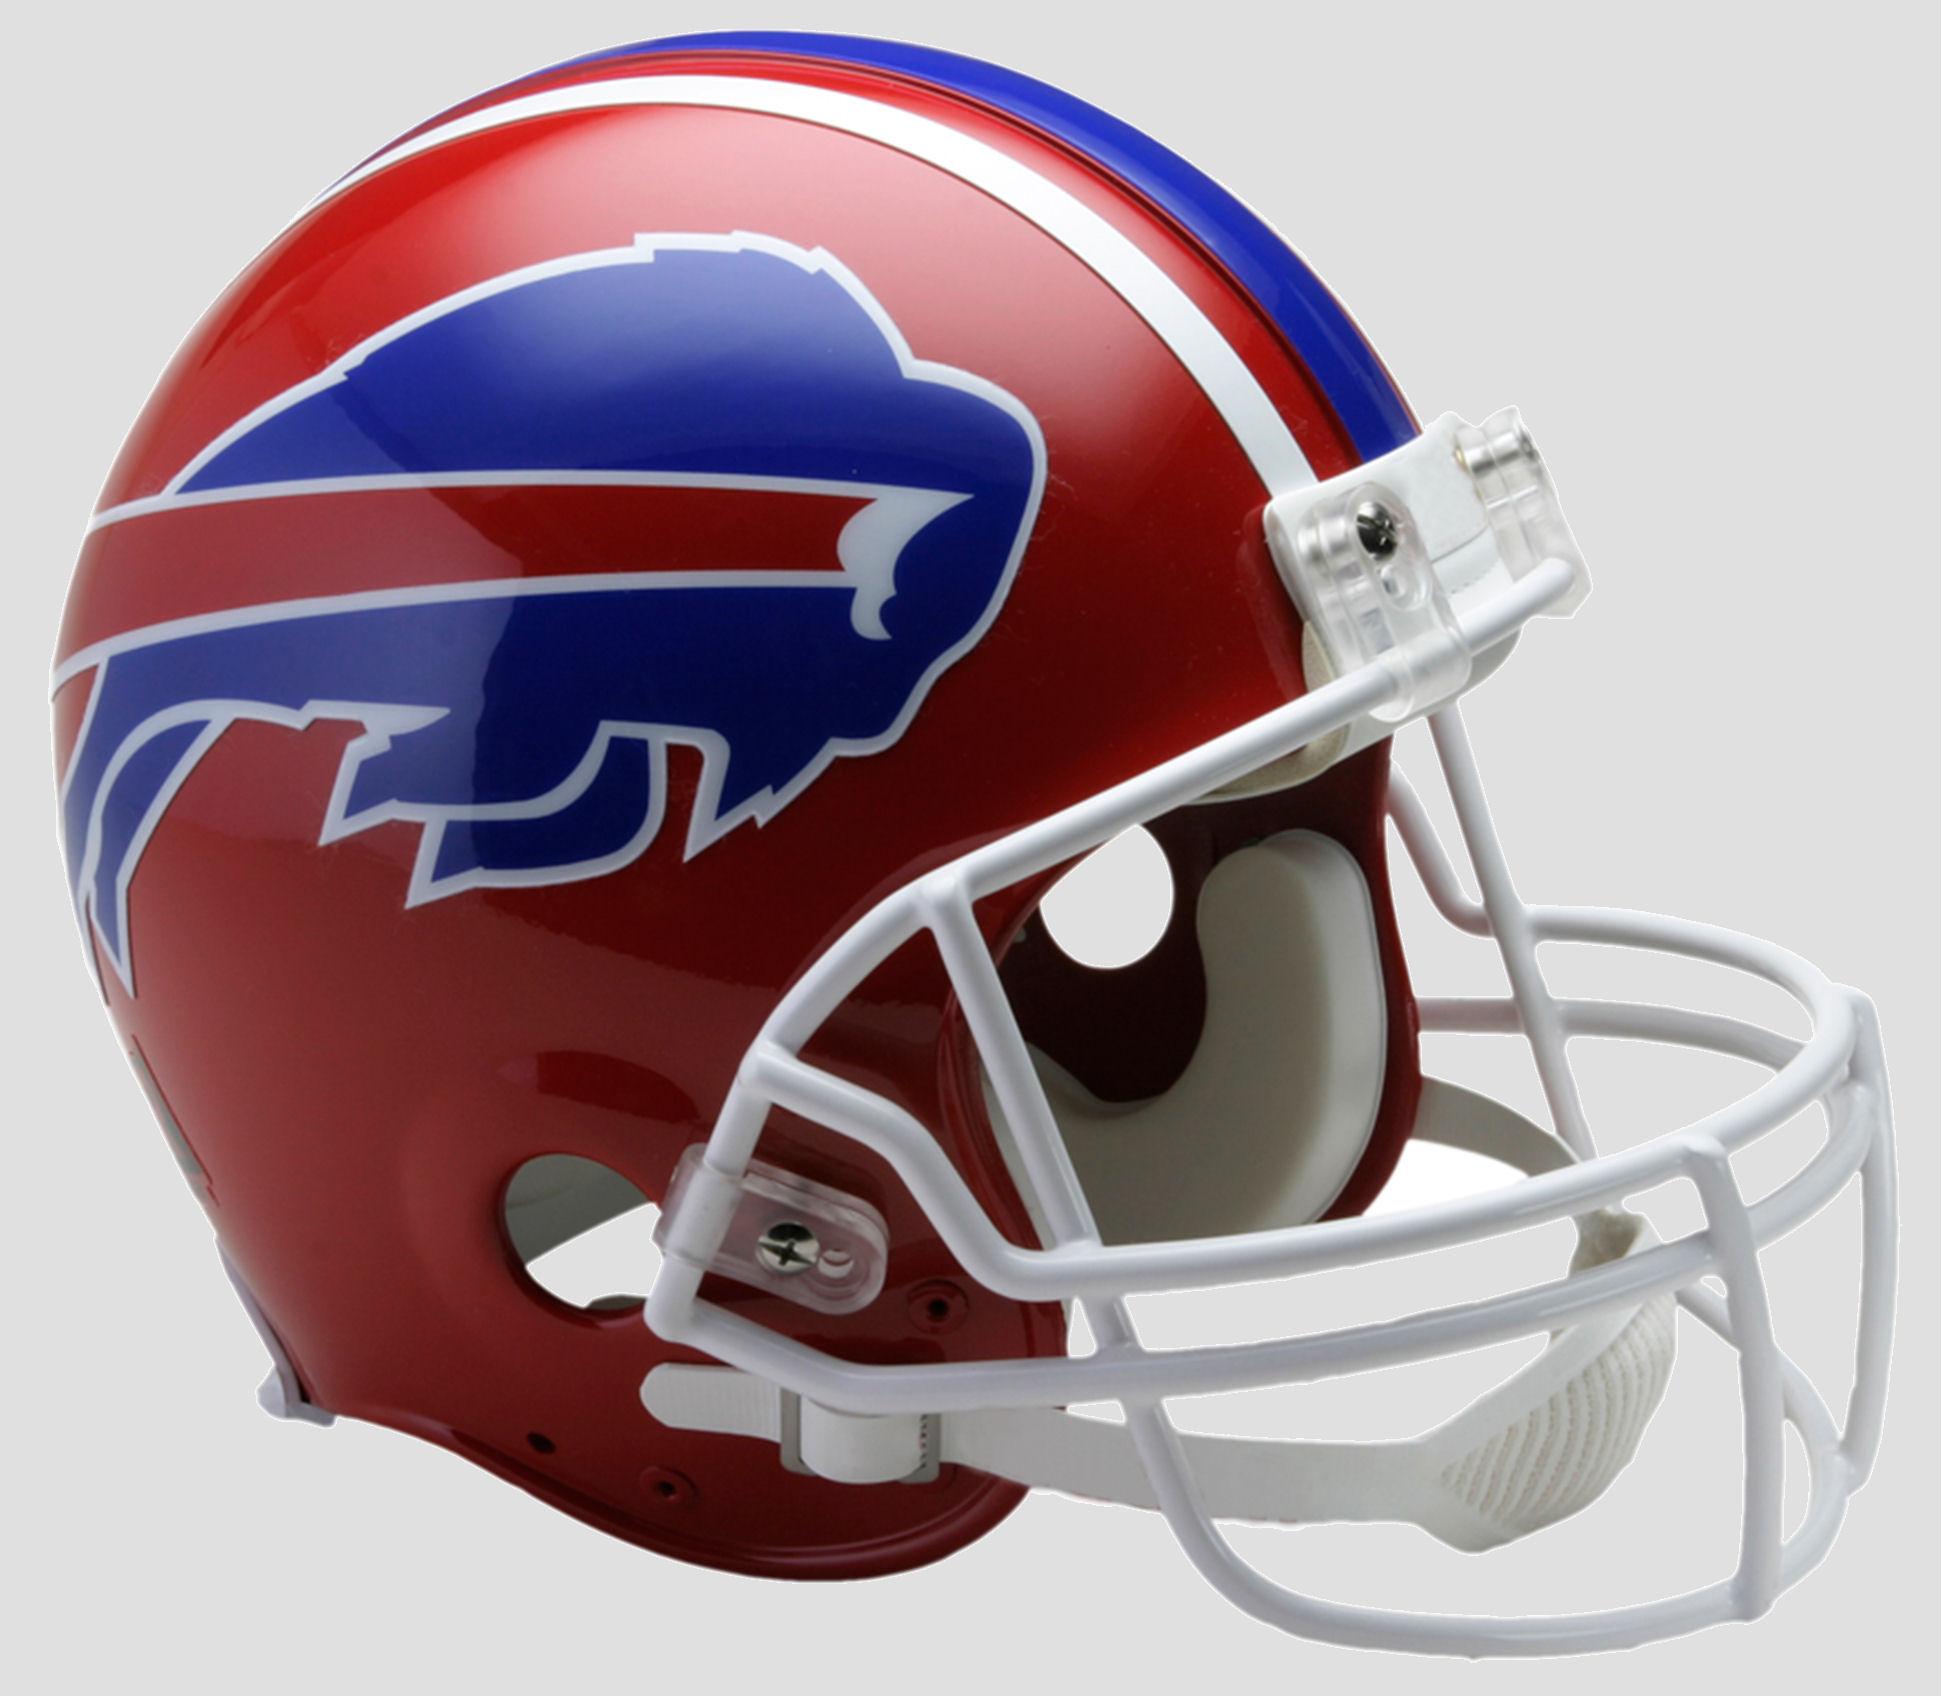 Buffalo Bills 1987 to 2001 Football Helmet